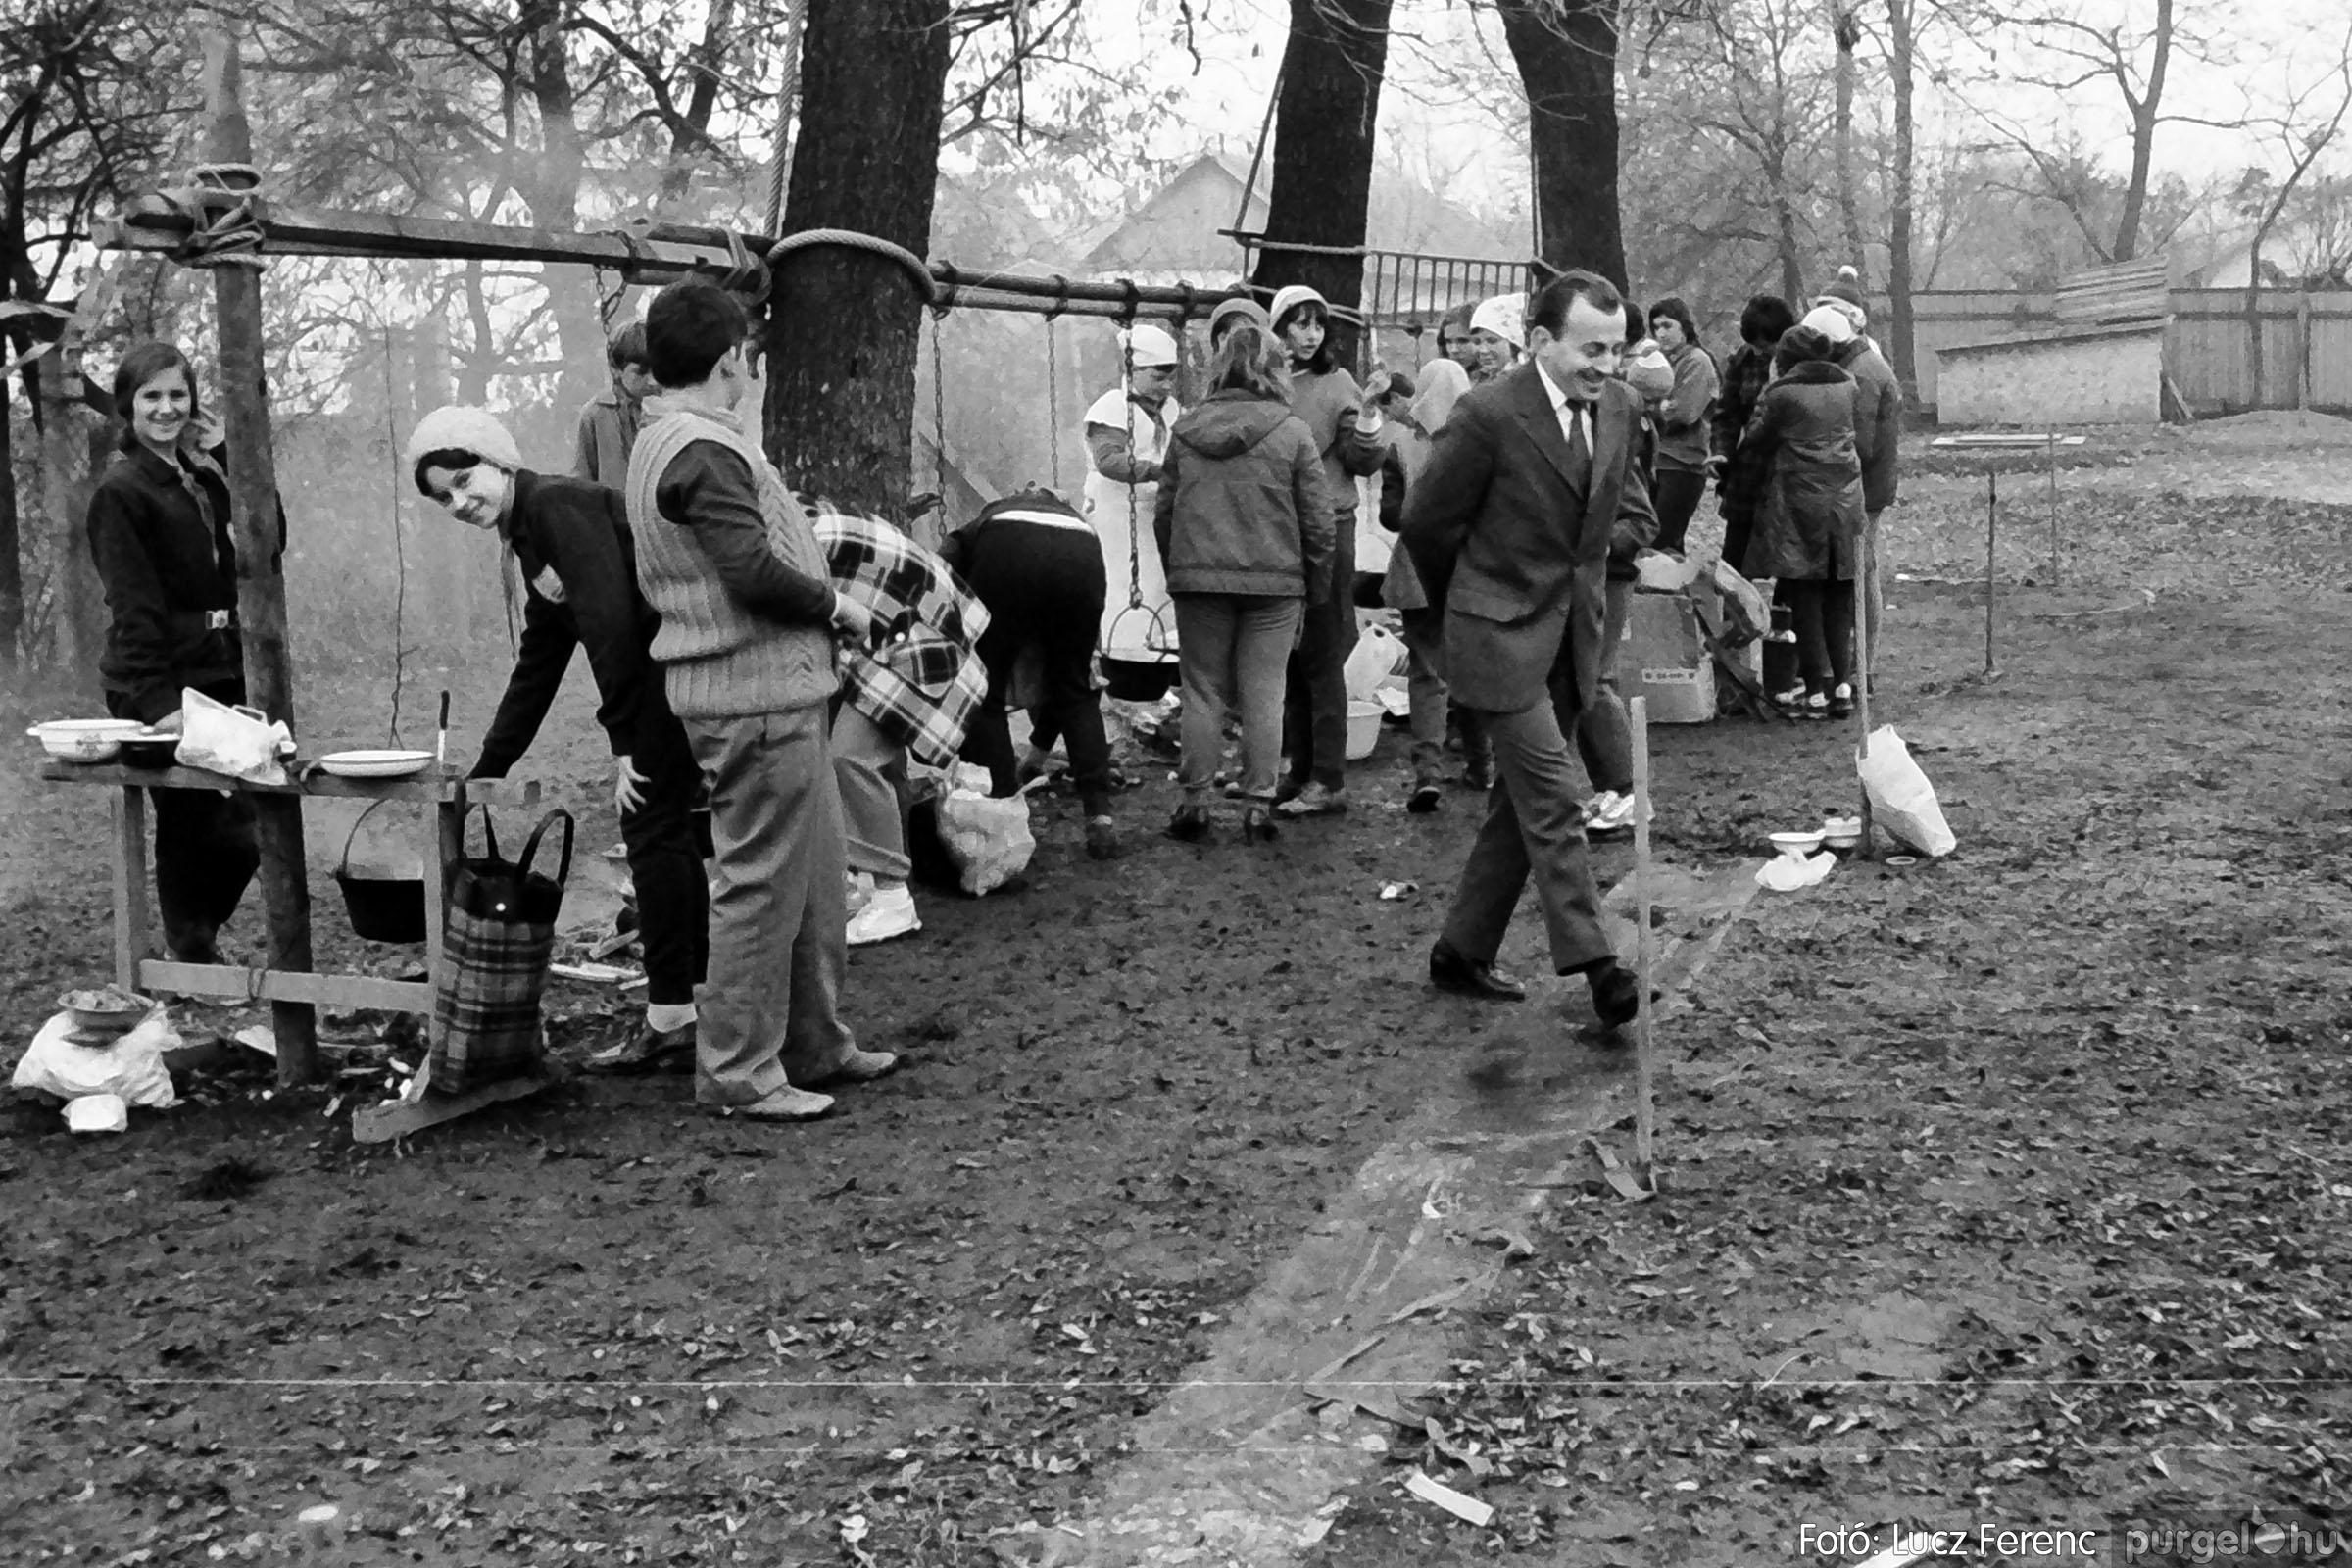 004A 1970-es évek - Úttörő rendezvény 008 - Fotó: Lucz Ferenc IMG00019q.jpg